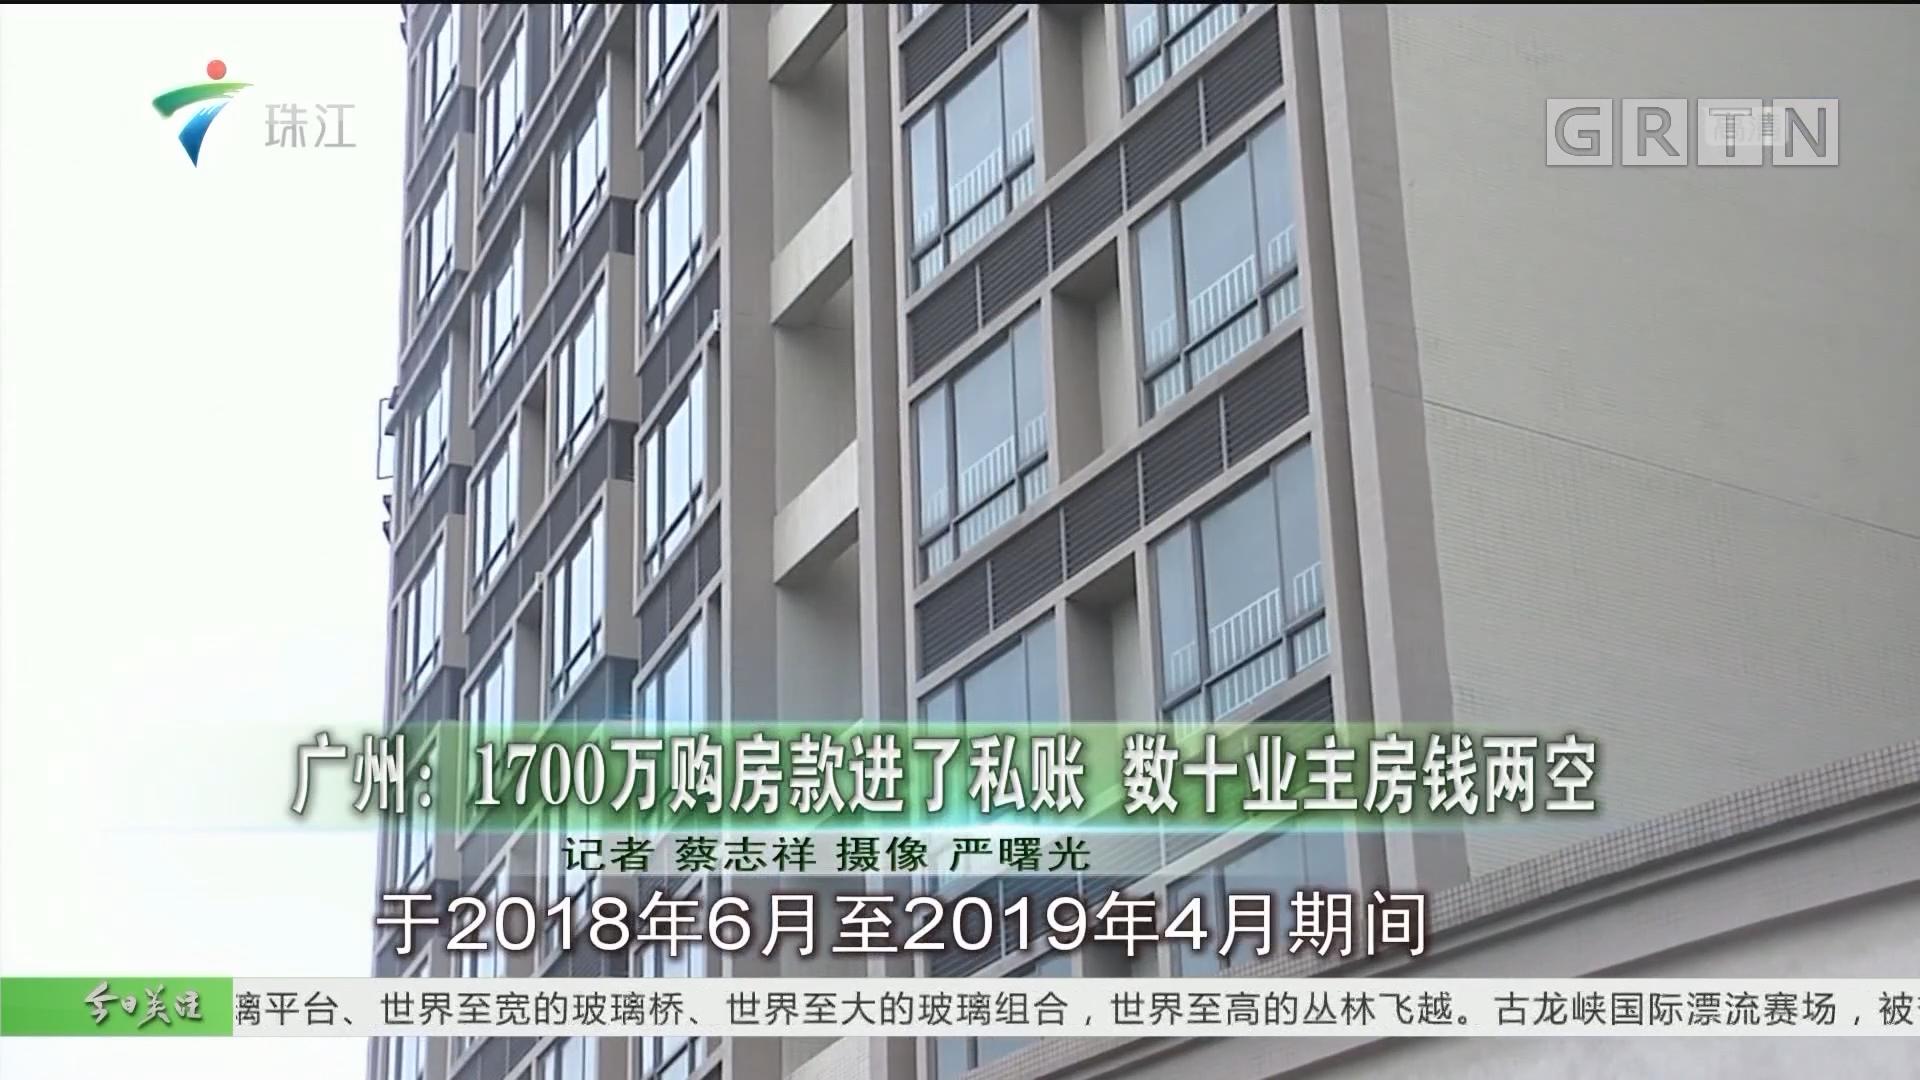 广州:1700万购房款进了私账 数十业主房钱两空